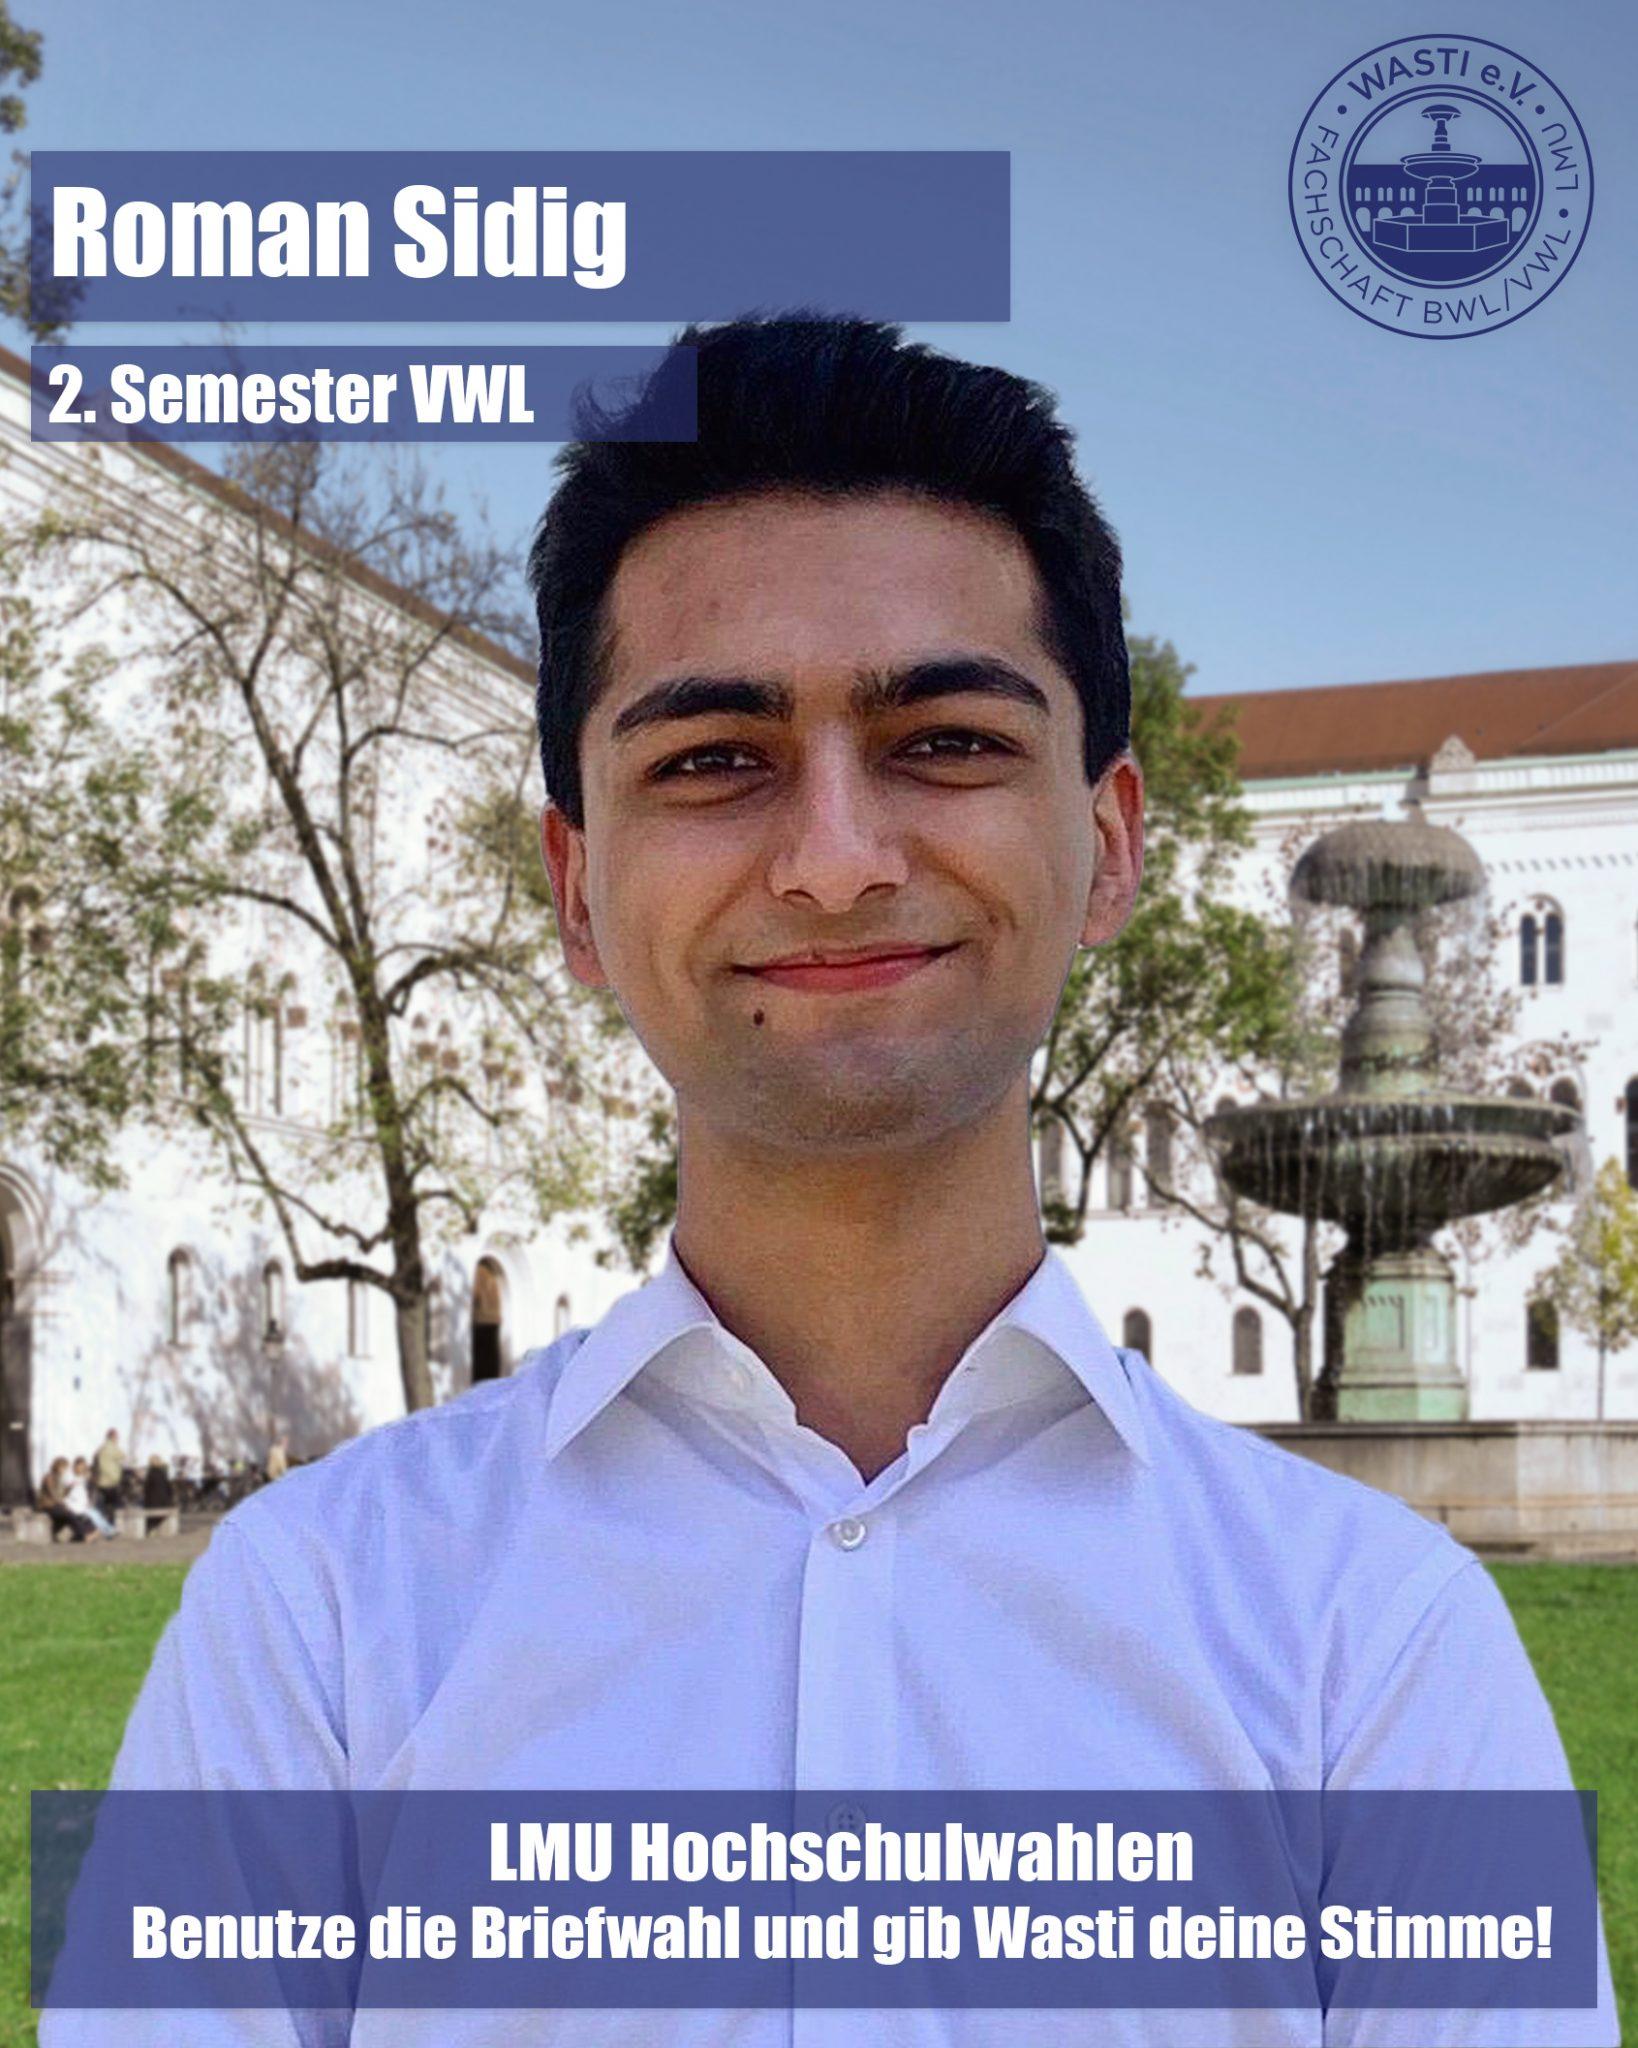 Hochschulwahlen 4